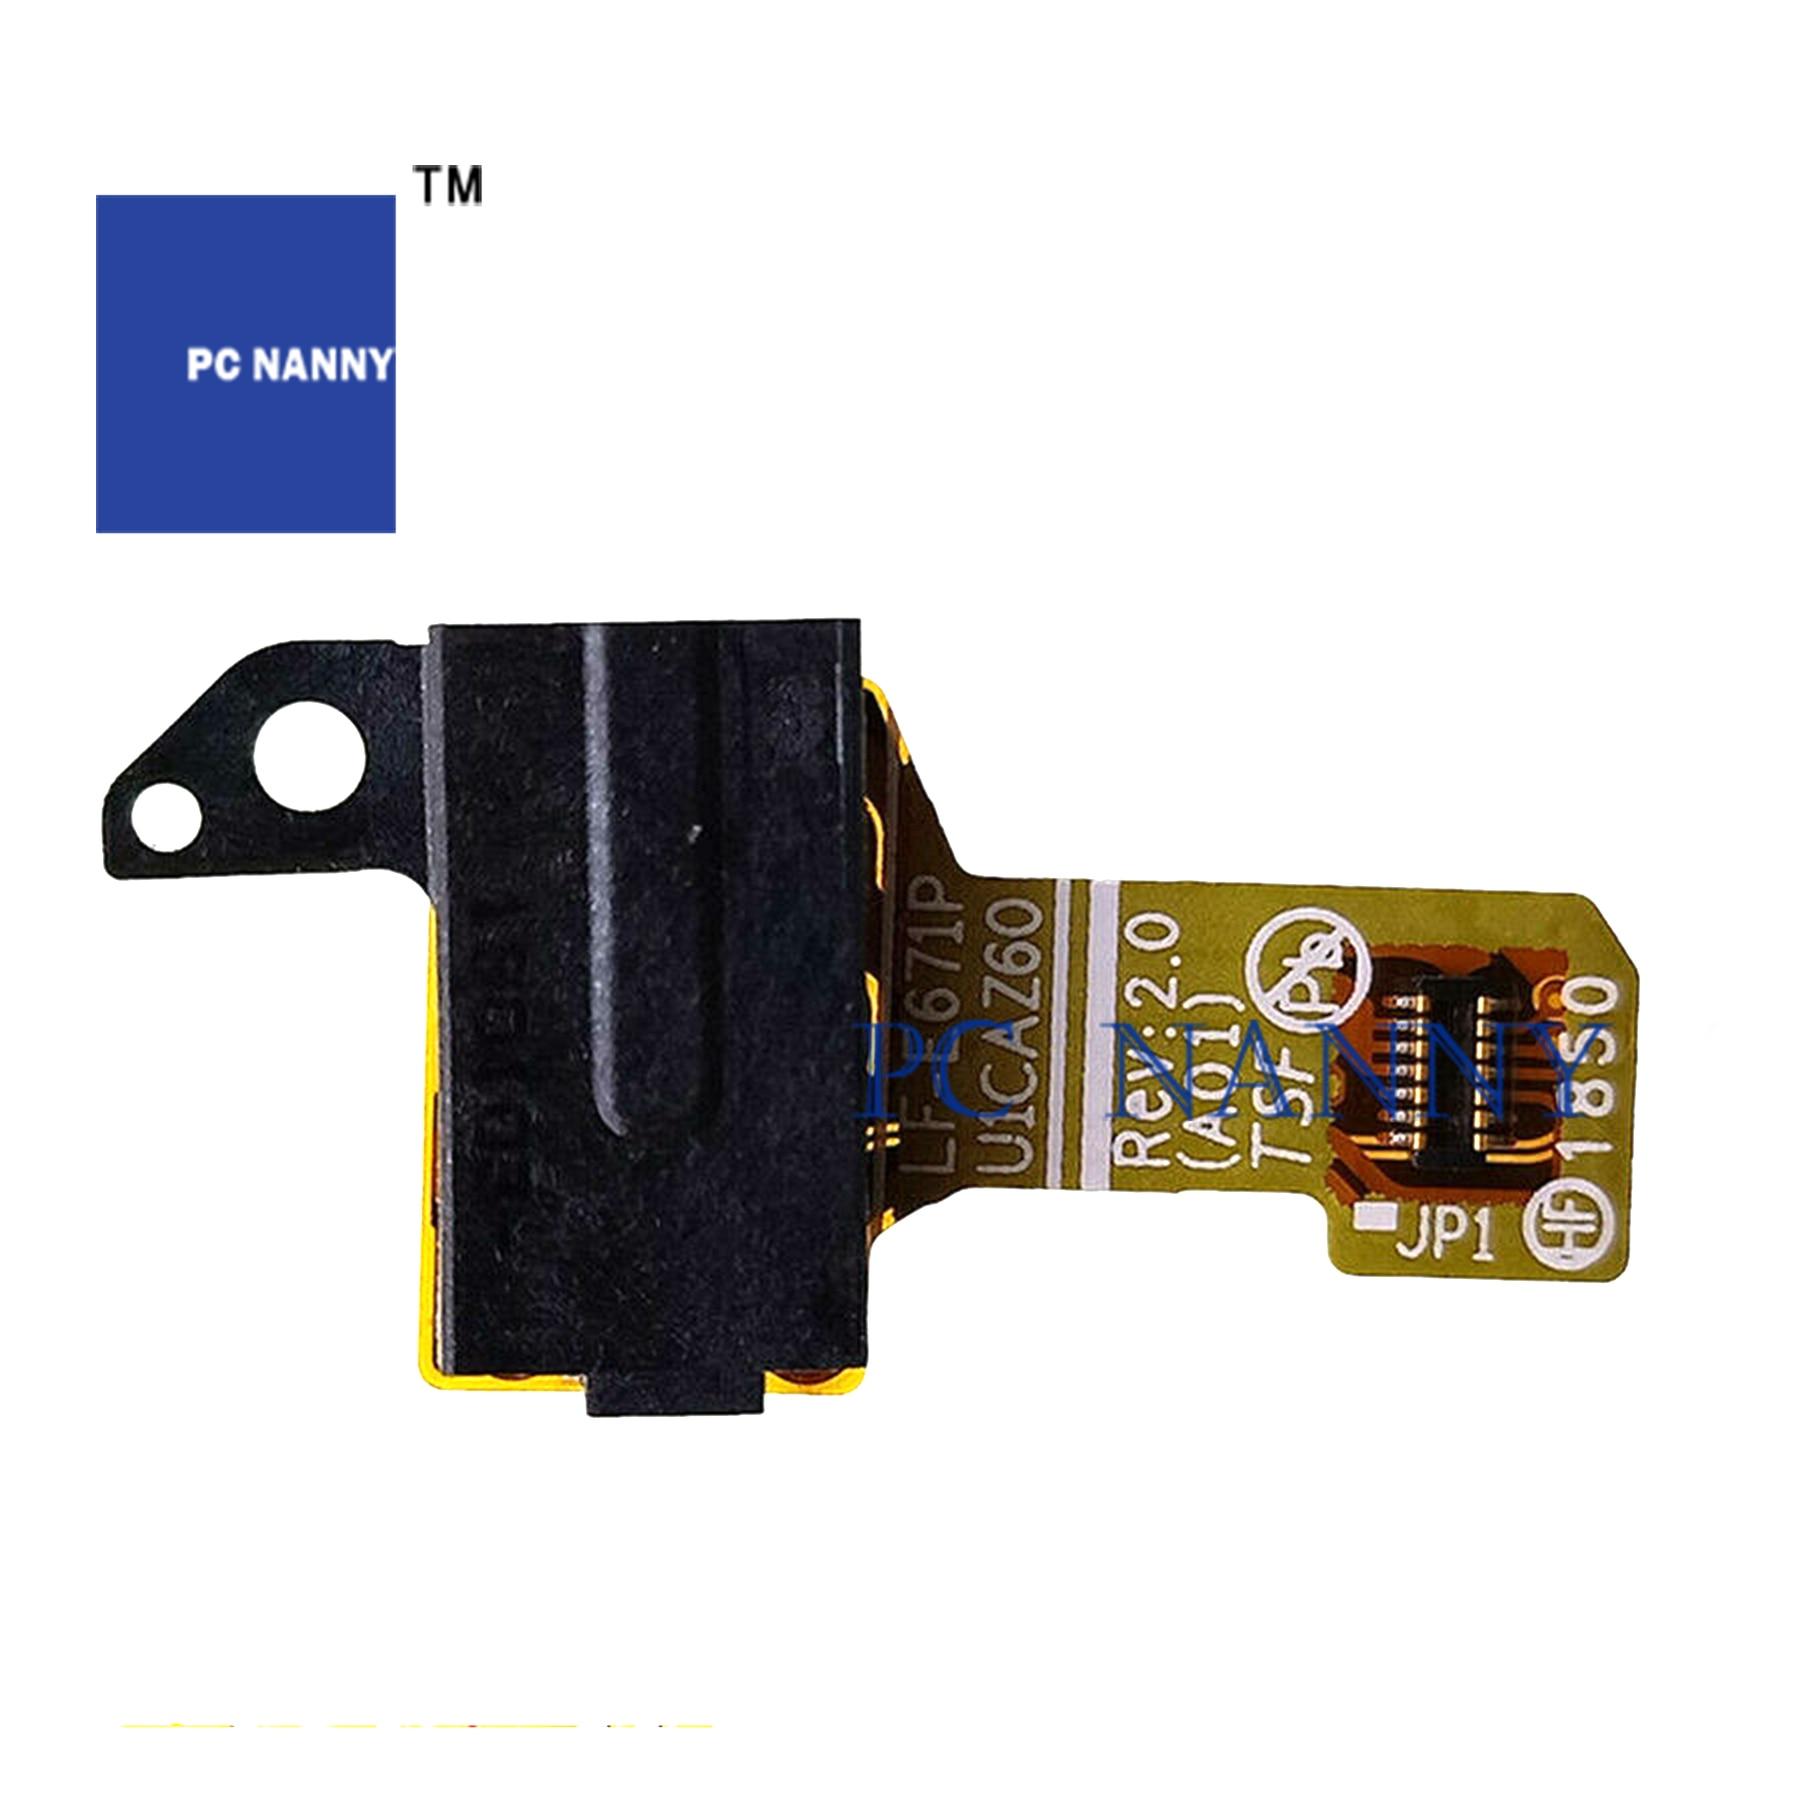 PCNANNY FOR Dell XPS13 9370 AUDIO JACK Board LF-E671P Test Good